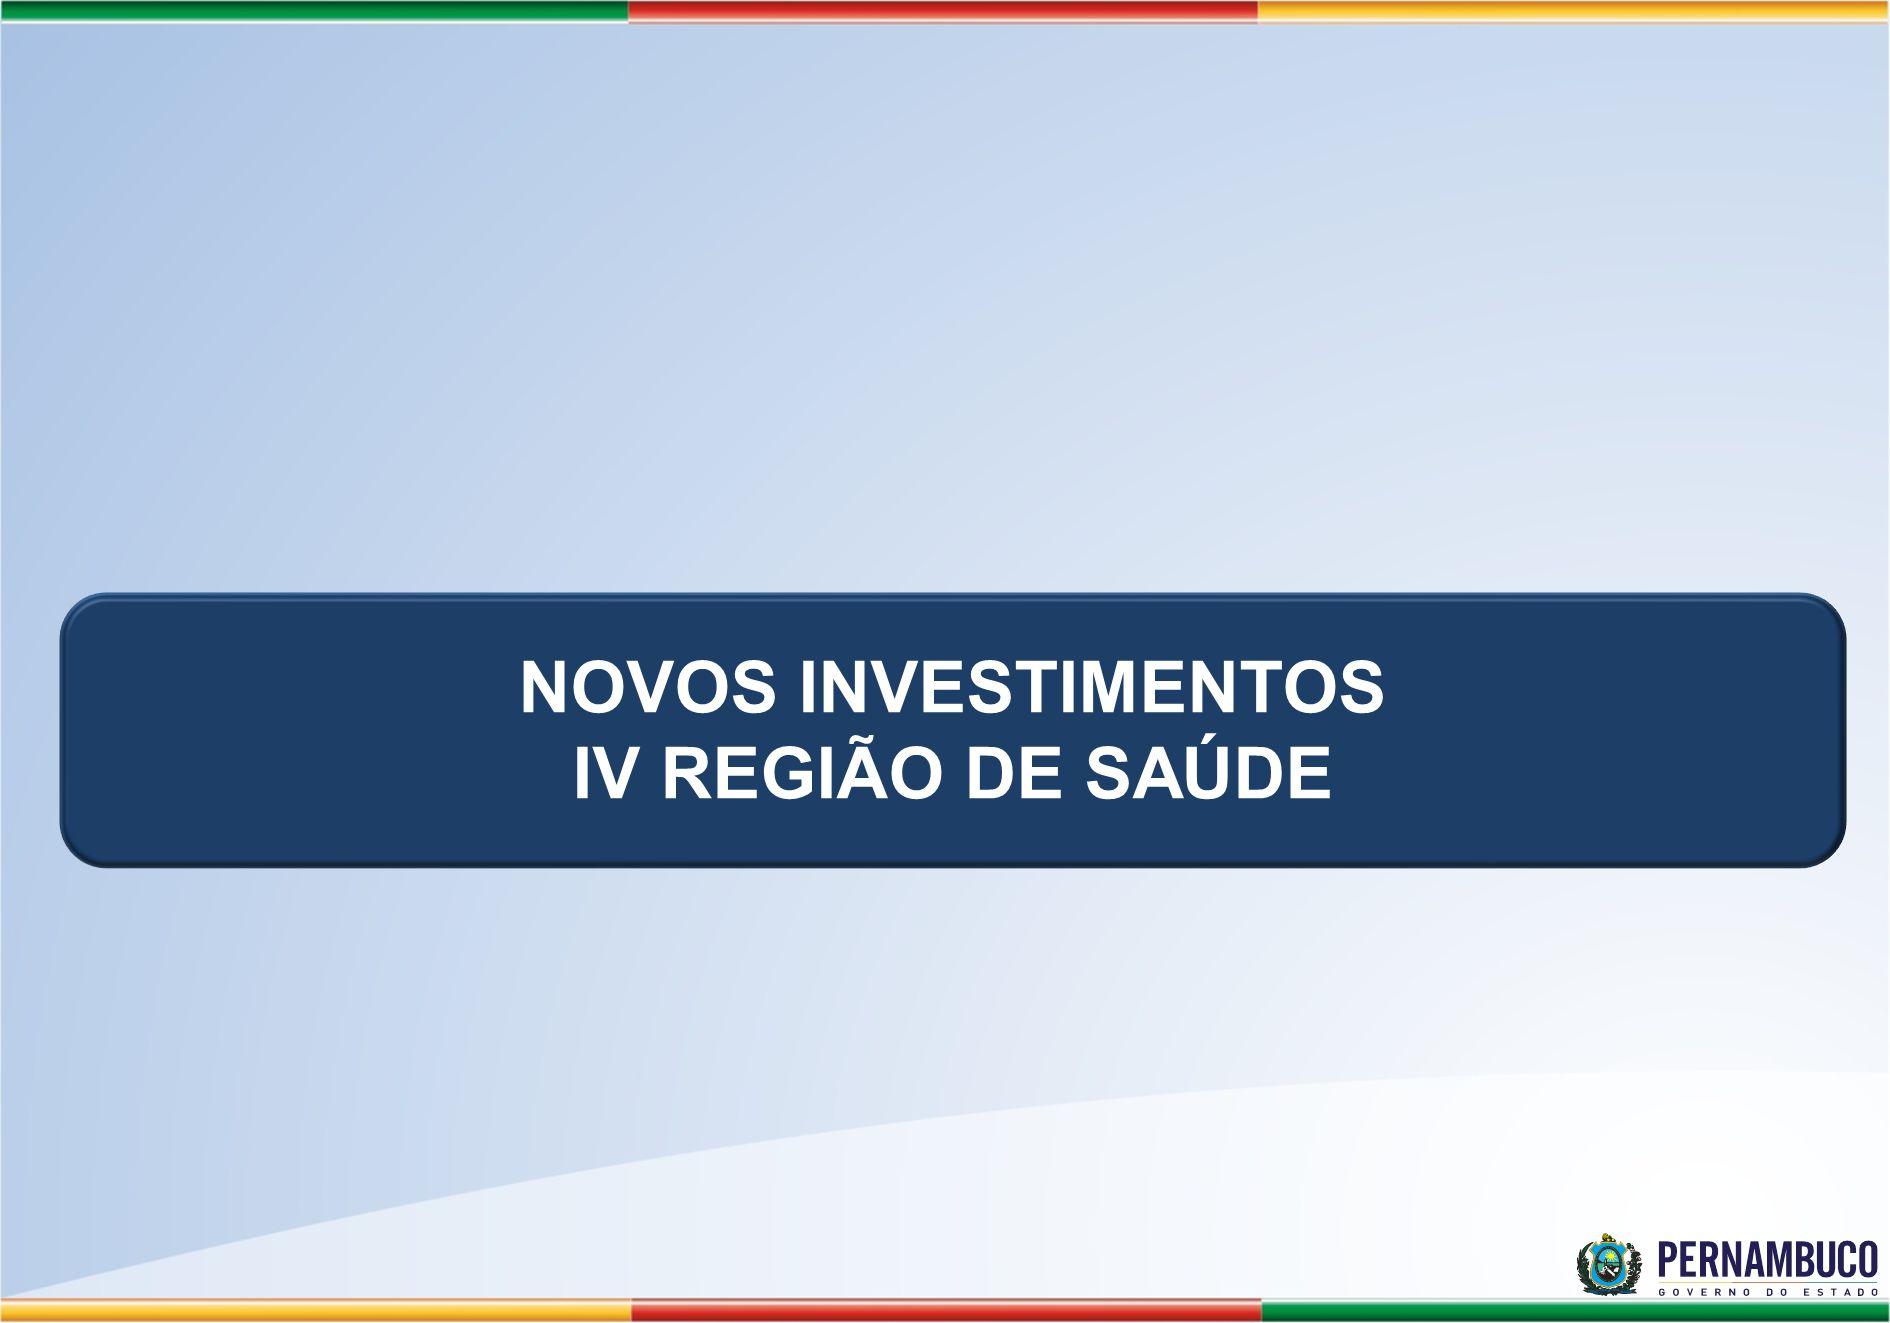 NOVOS INVESTIMENTOS IV REGIÃO DE SAÚDE